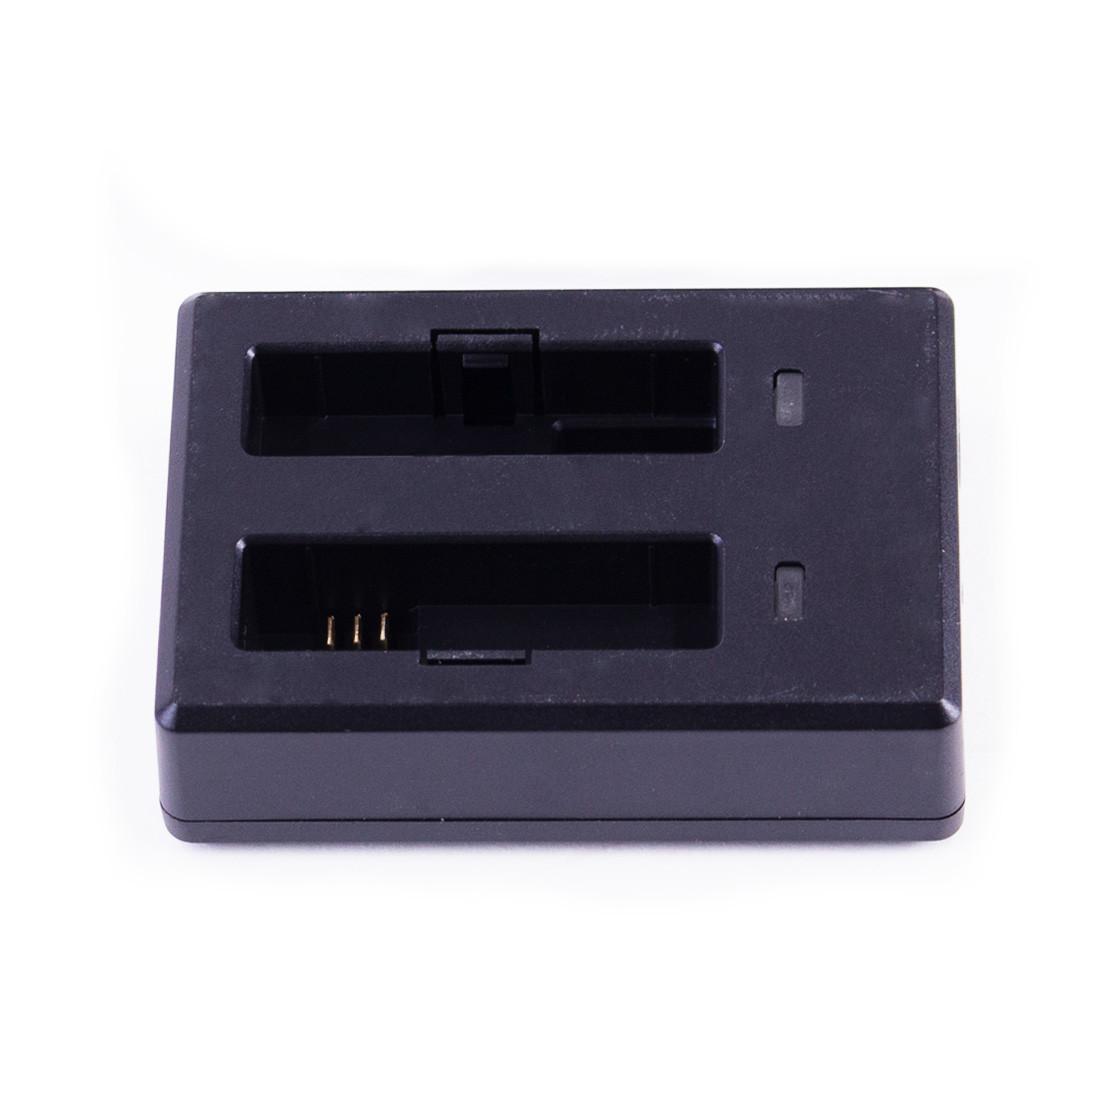 Зарядное устройство для 2-х аккумуляторов M20 SJCAM SJ301 (Black)